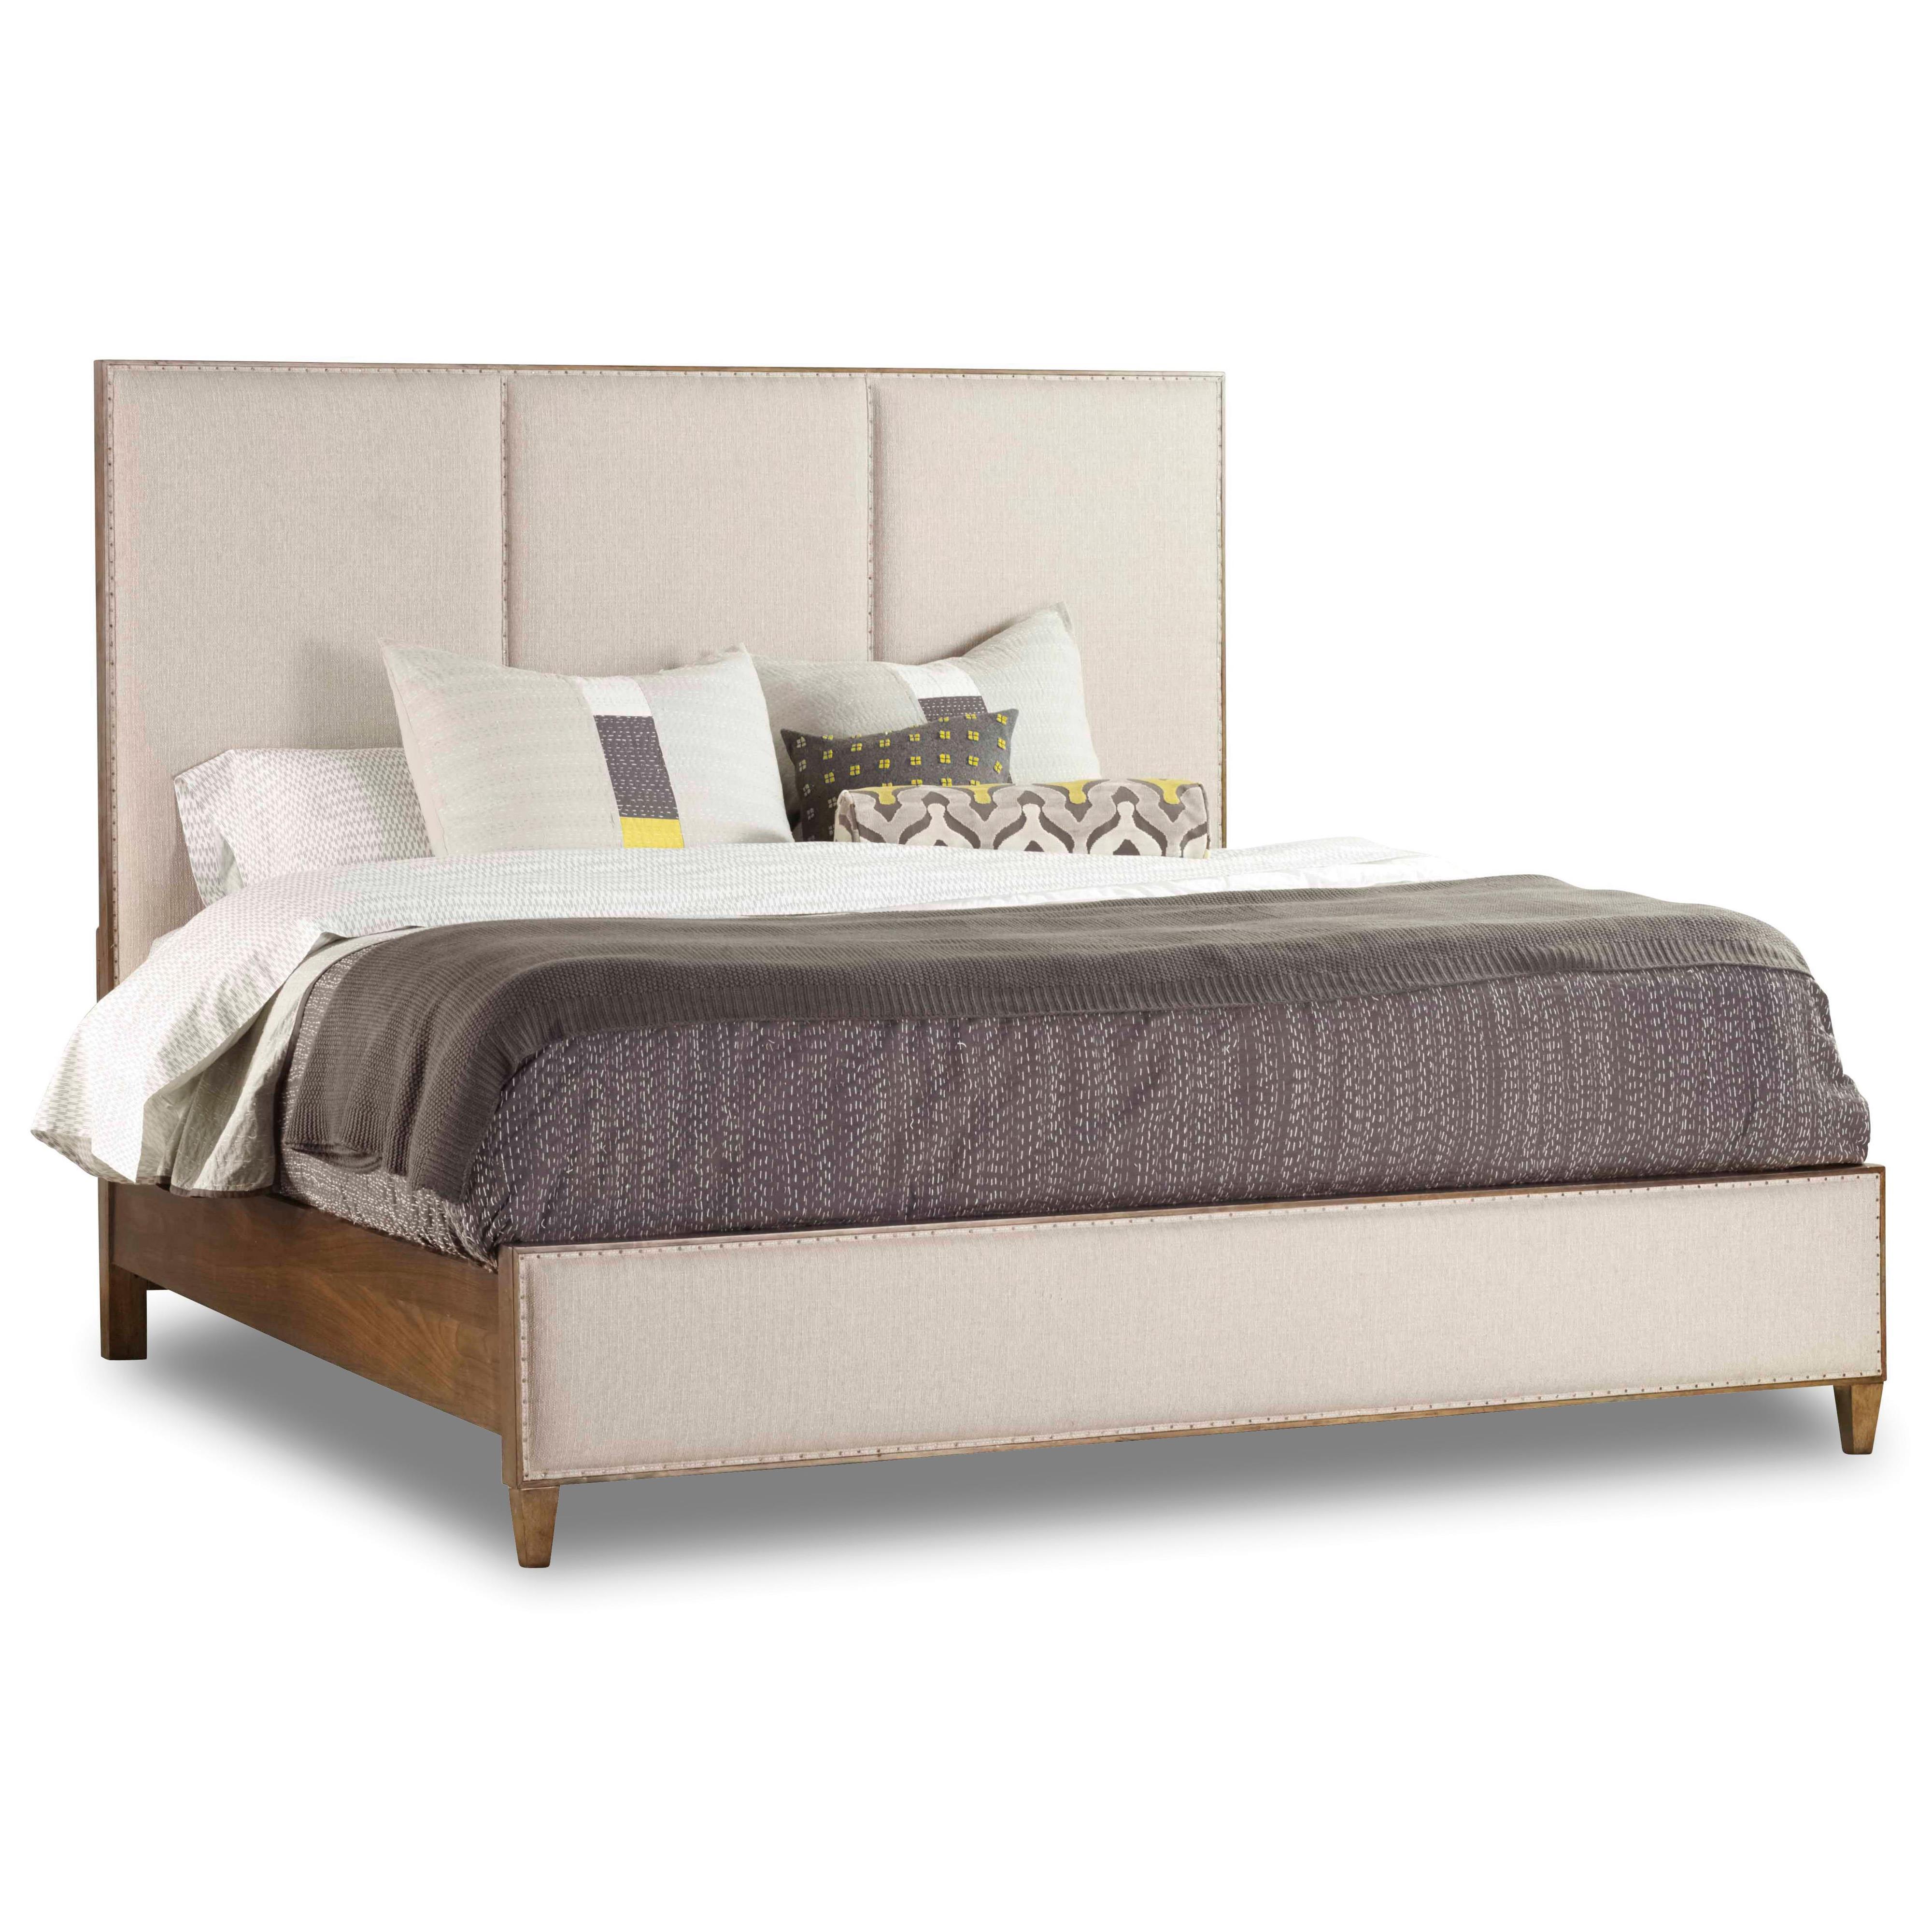 Hooker Furniture Studio 7H King Aon Upholstered Panel Bed - Item Number: 5398-90266